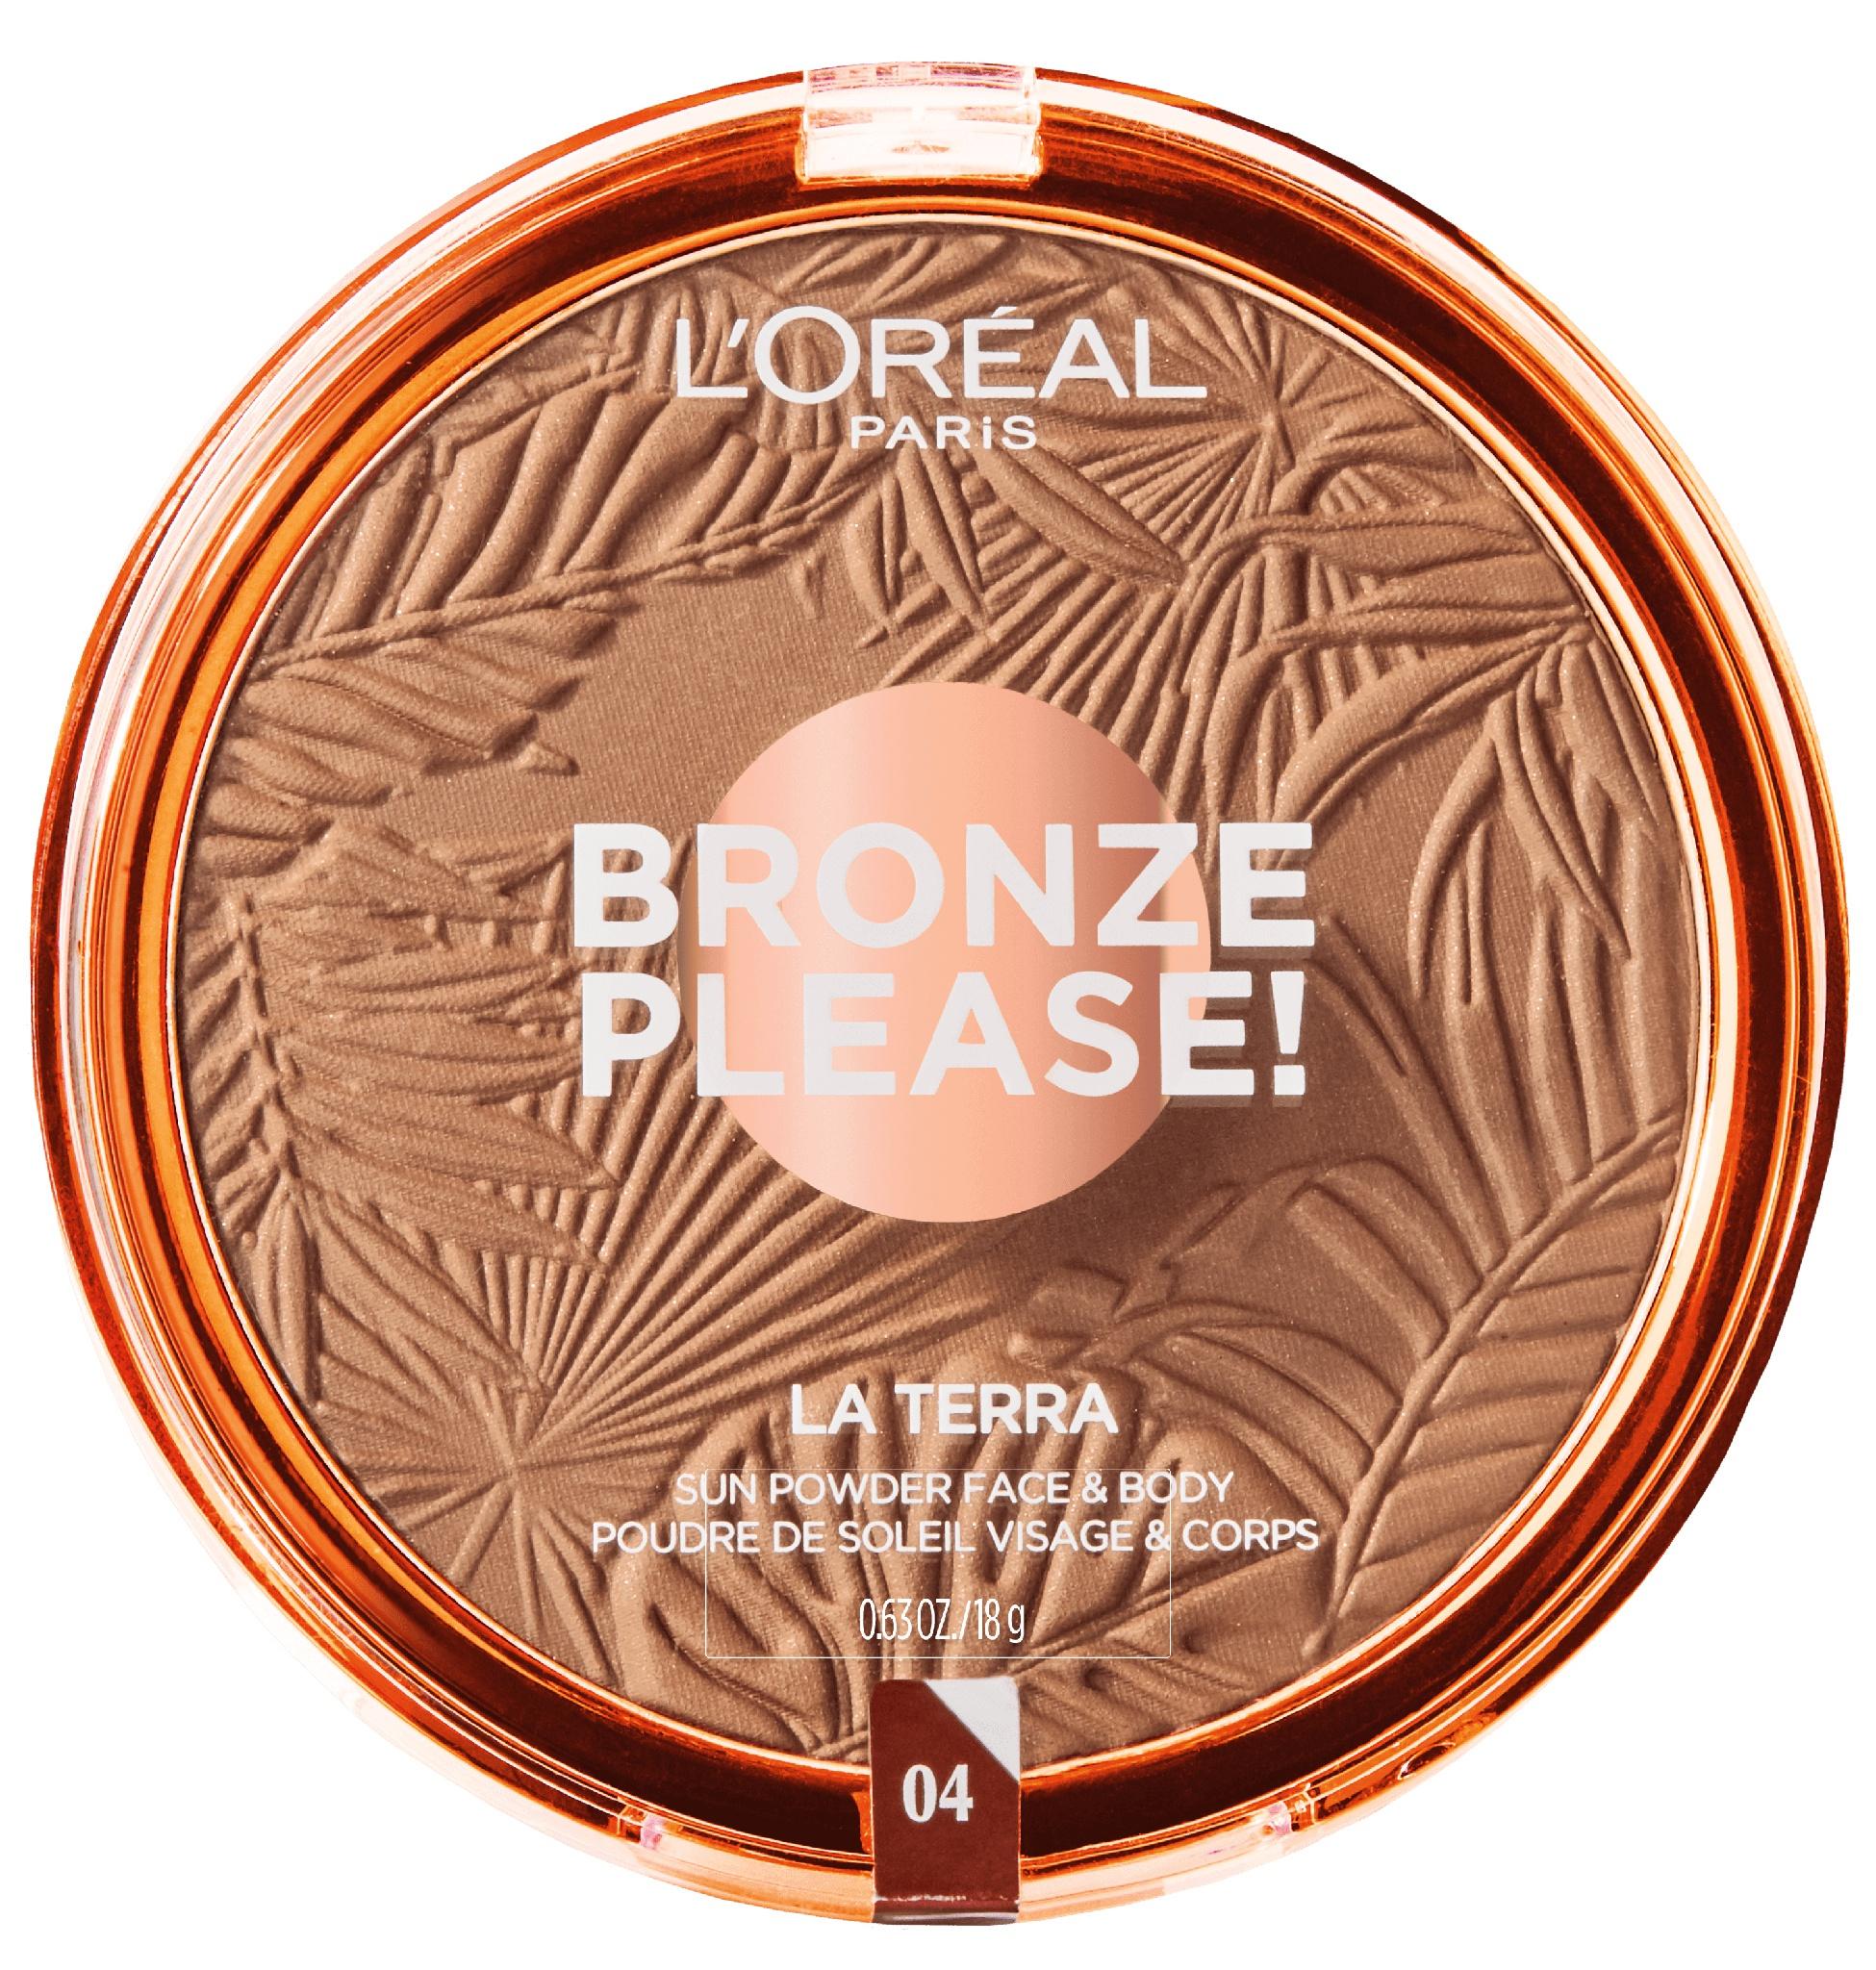 L'Oreal Bronze Please